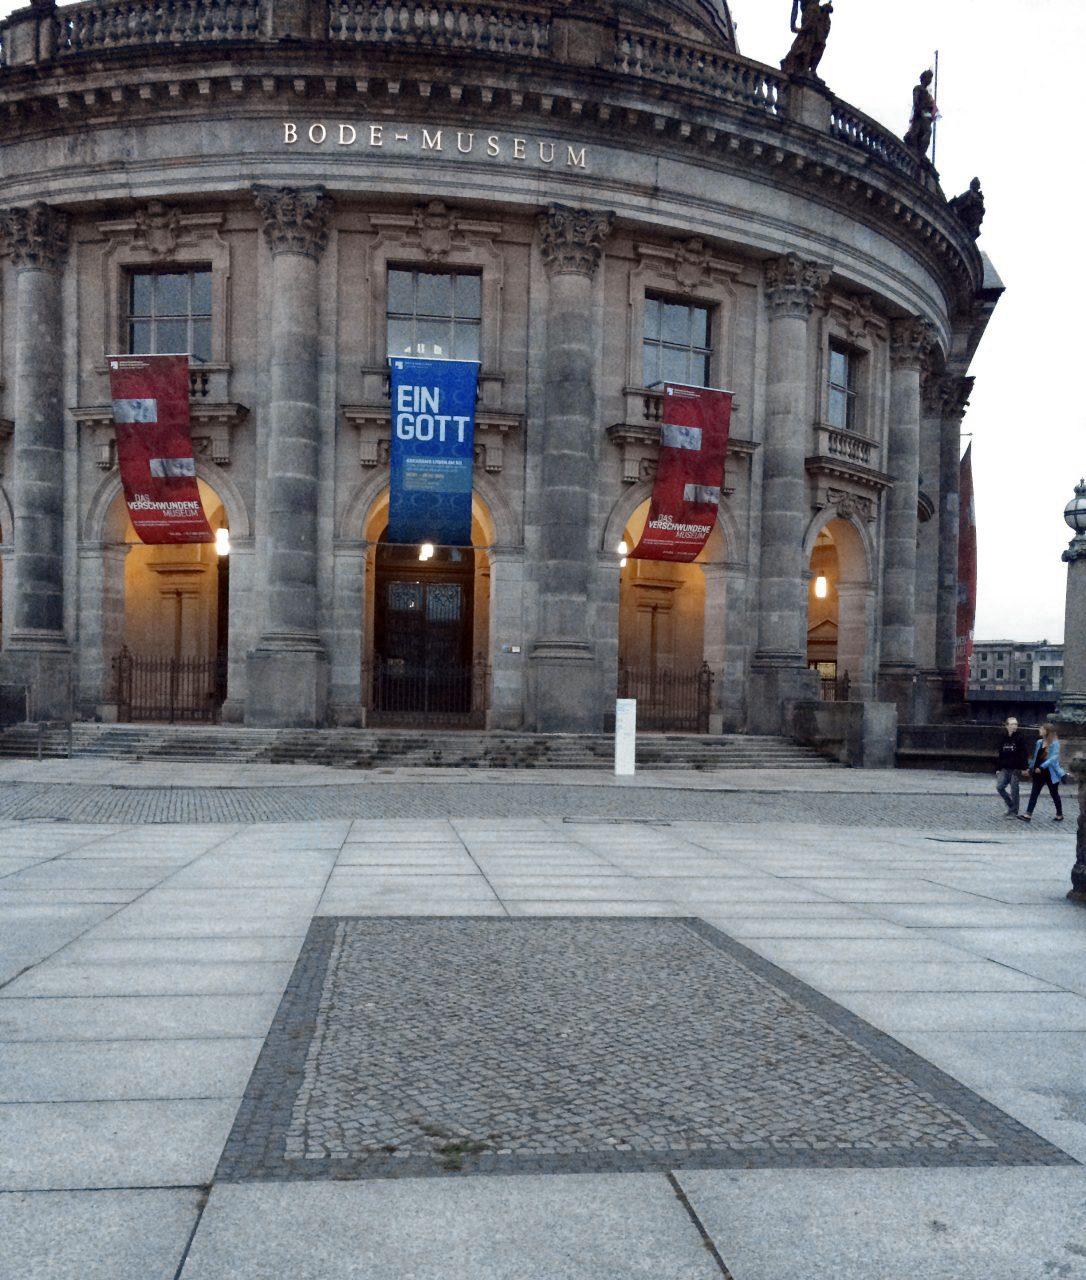 Bode Museum, Berlin 2015